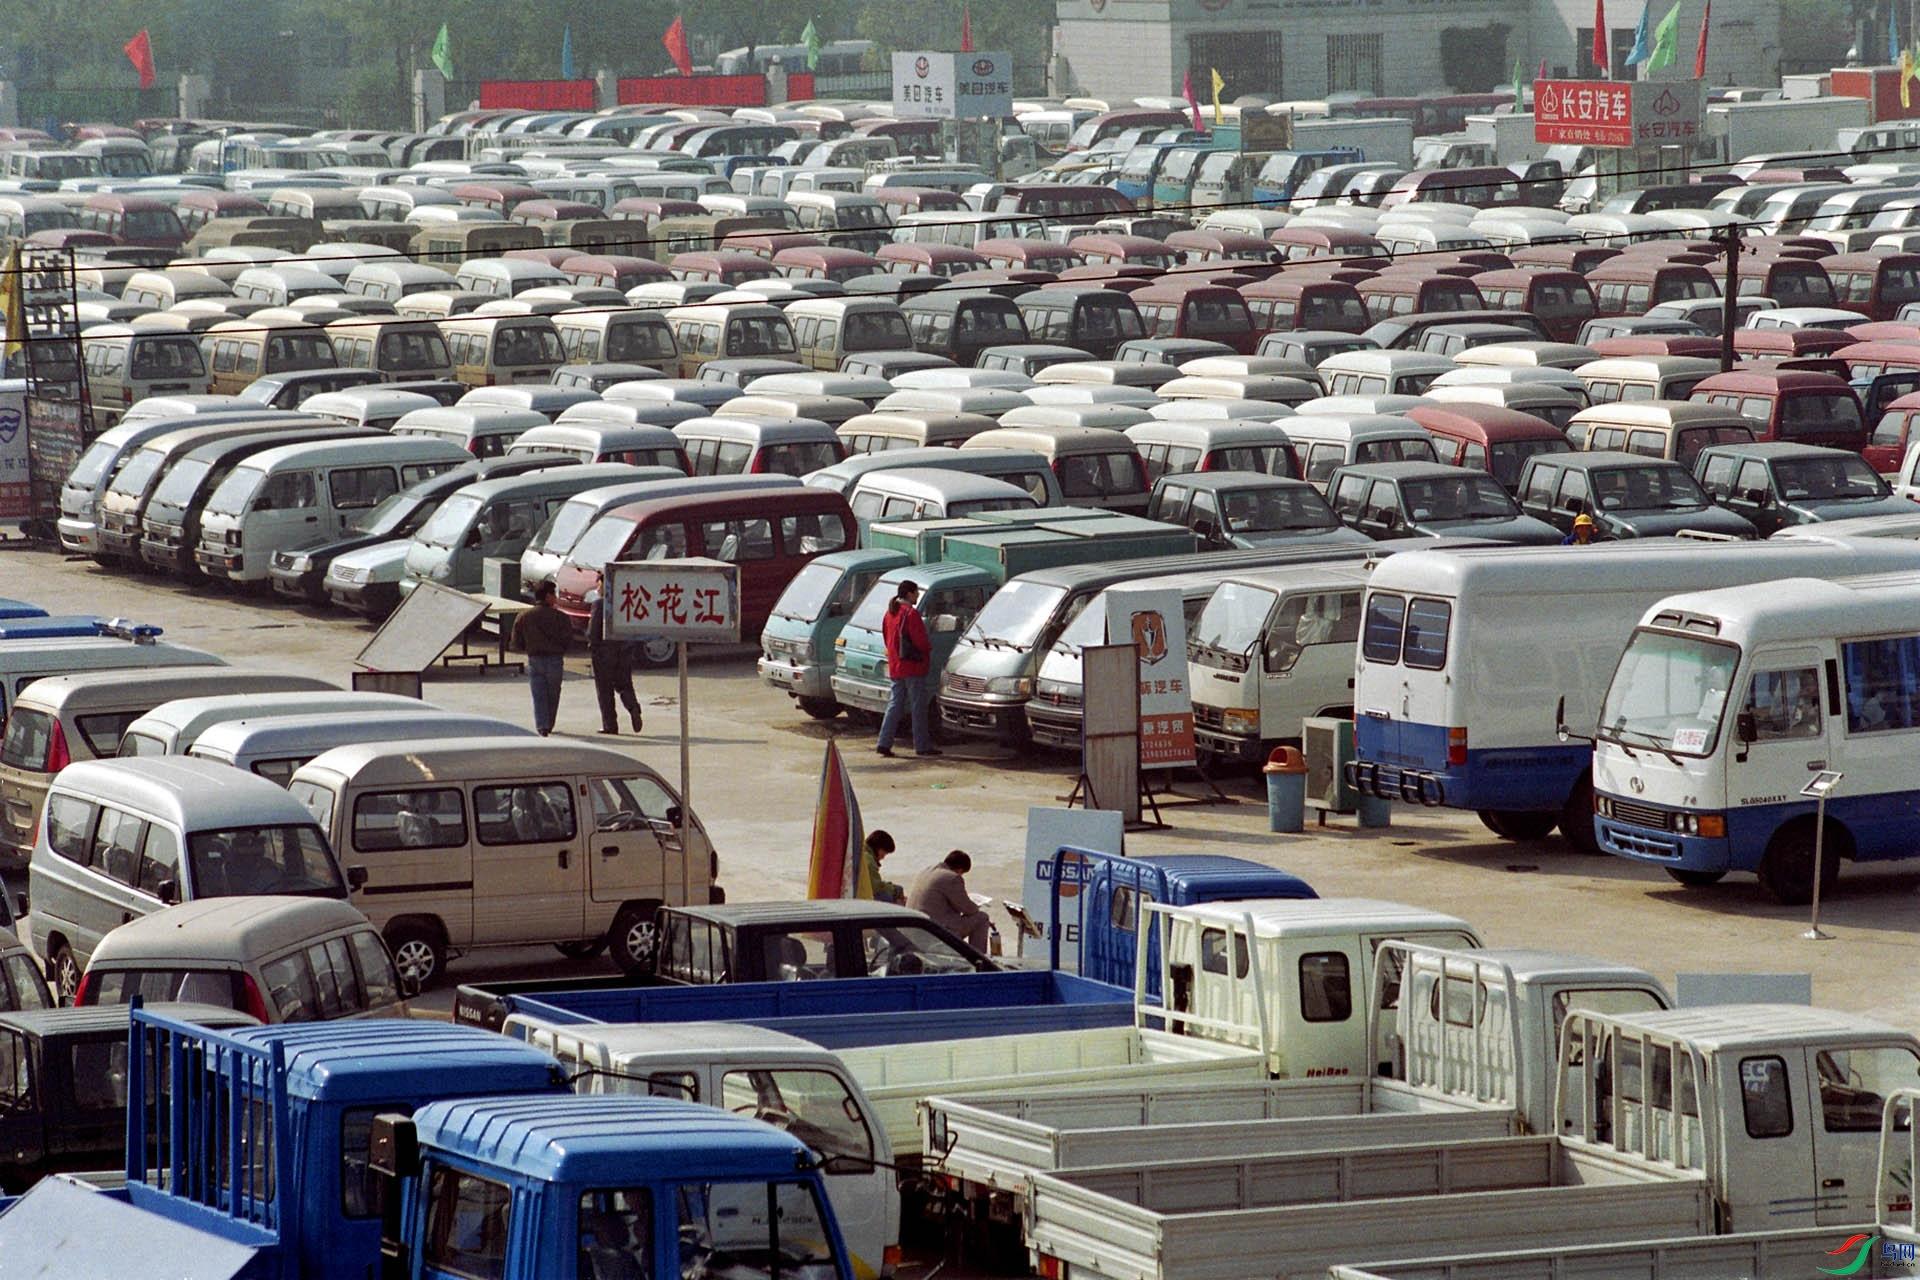 19二手汽车交易市场.jpg